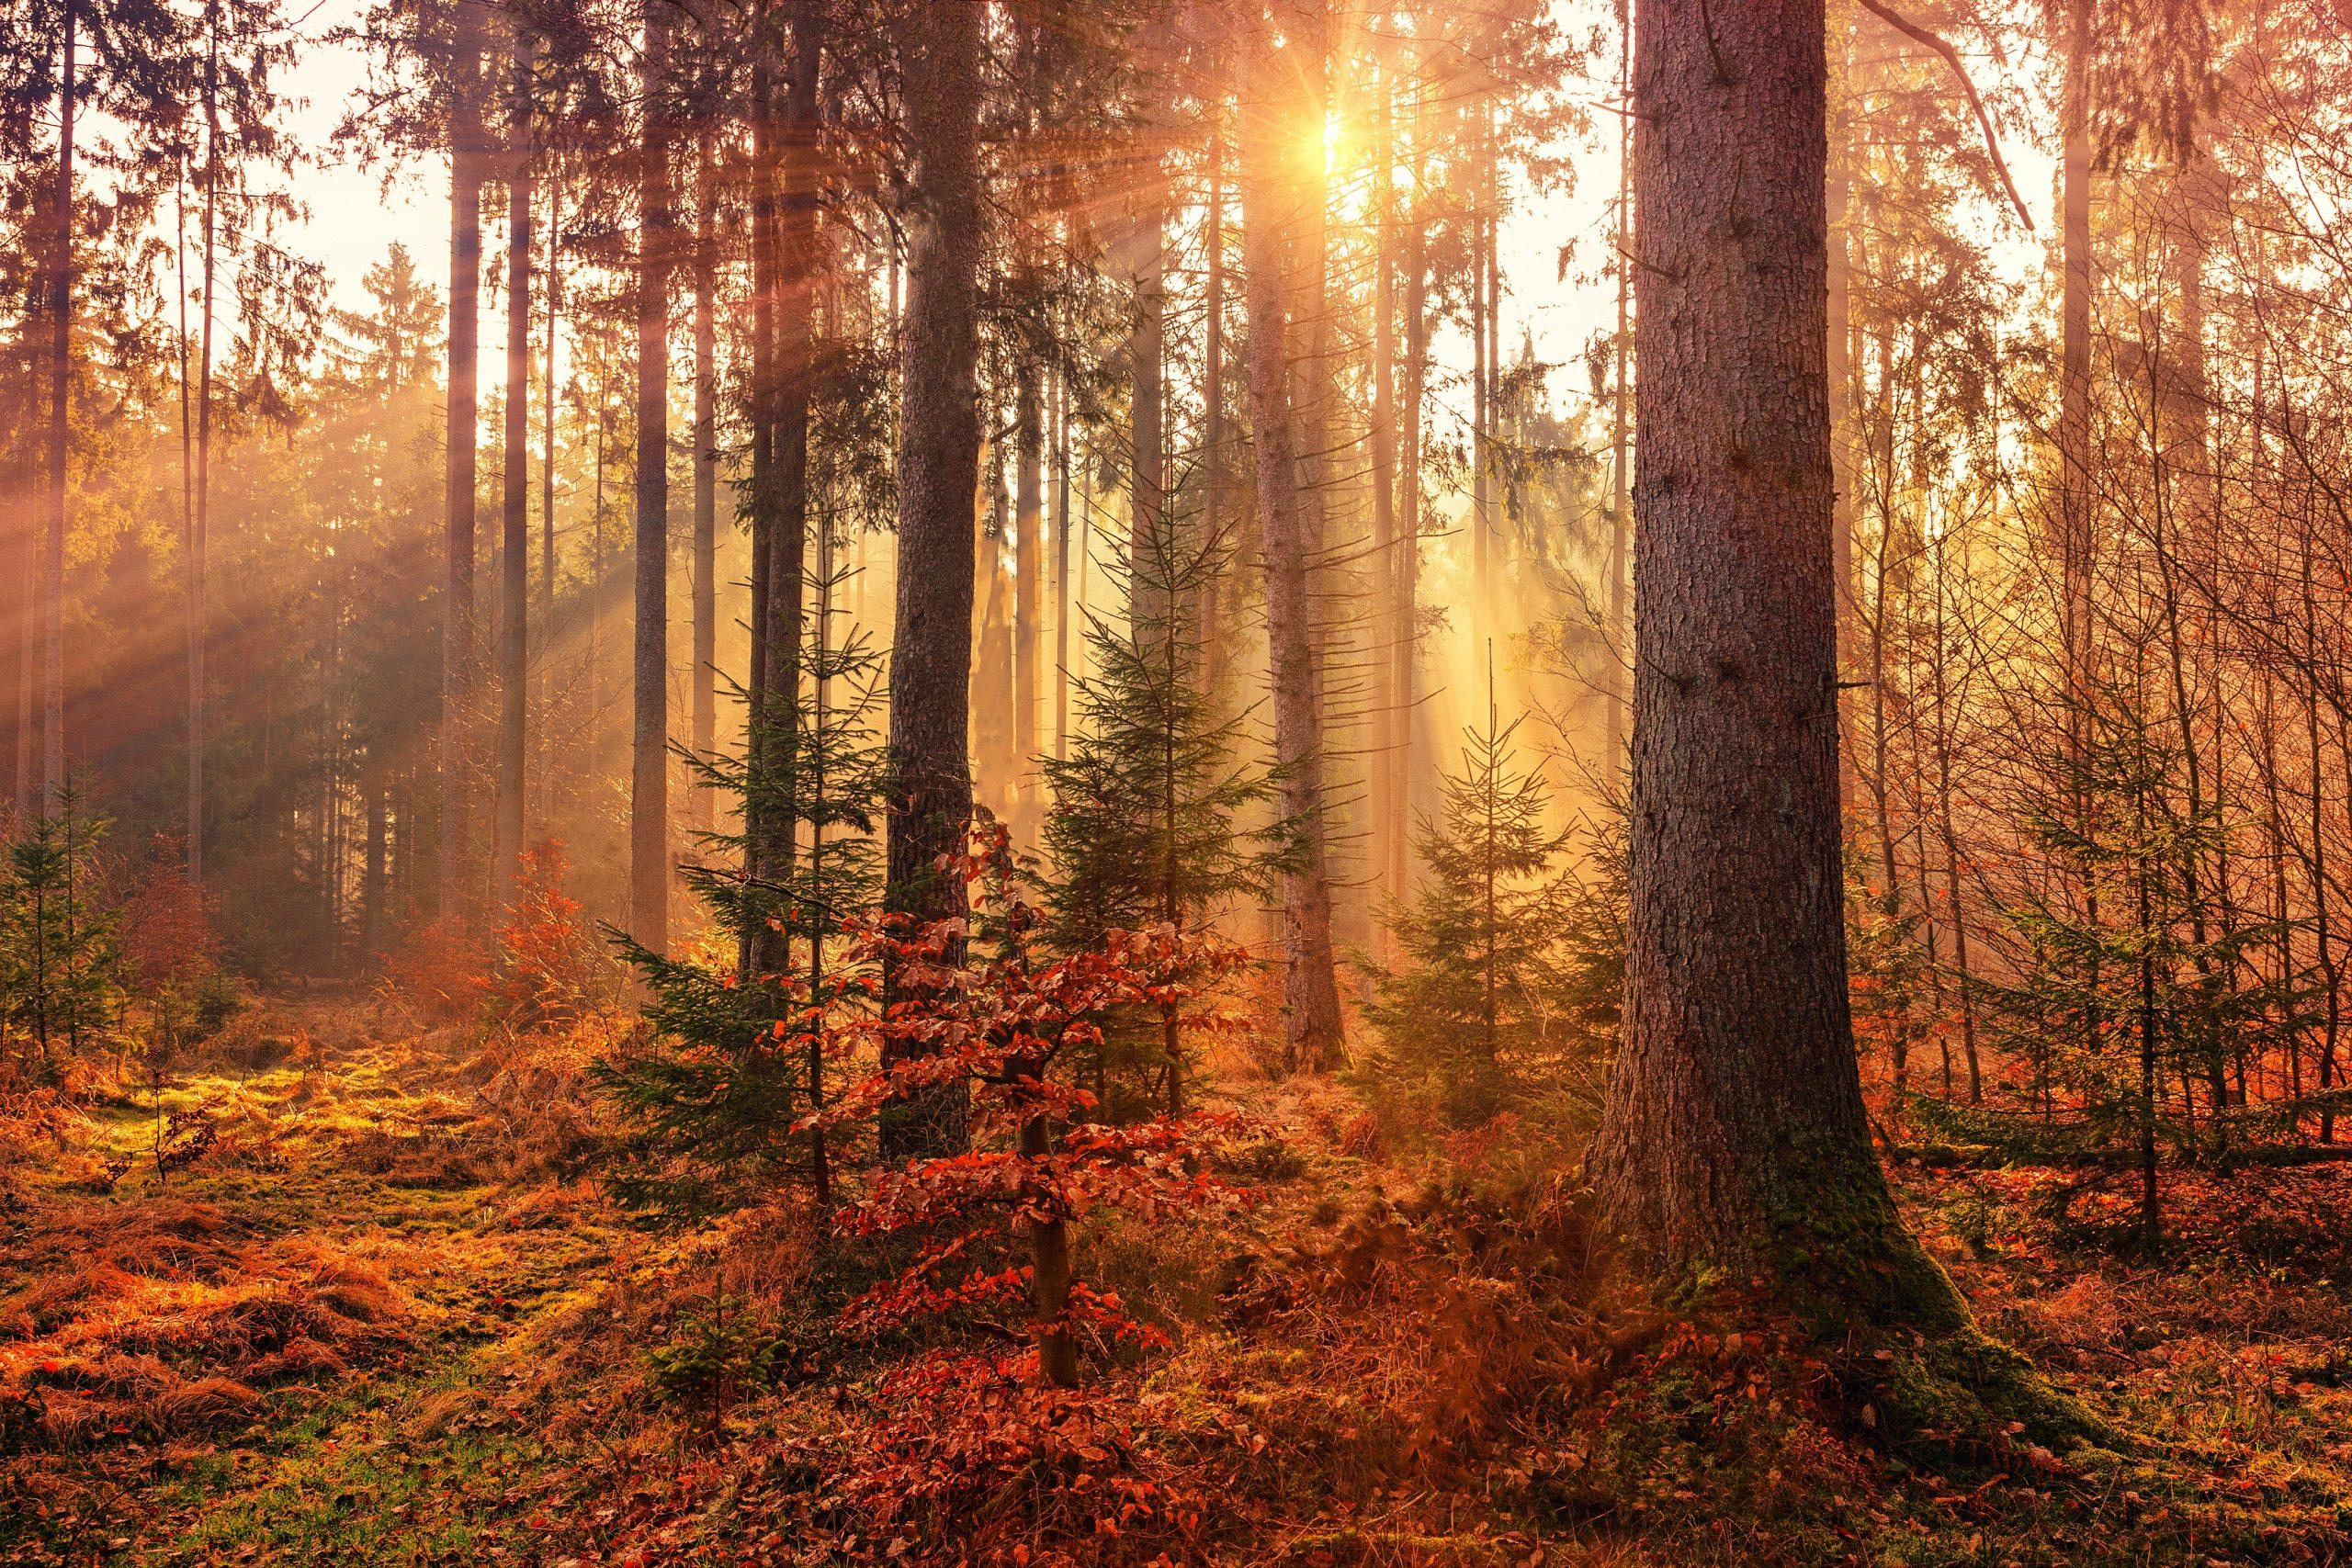 Sunlit Autumn Forest HD Wallpaper